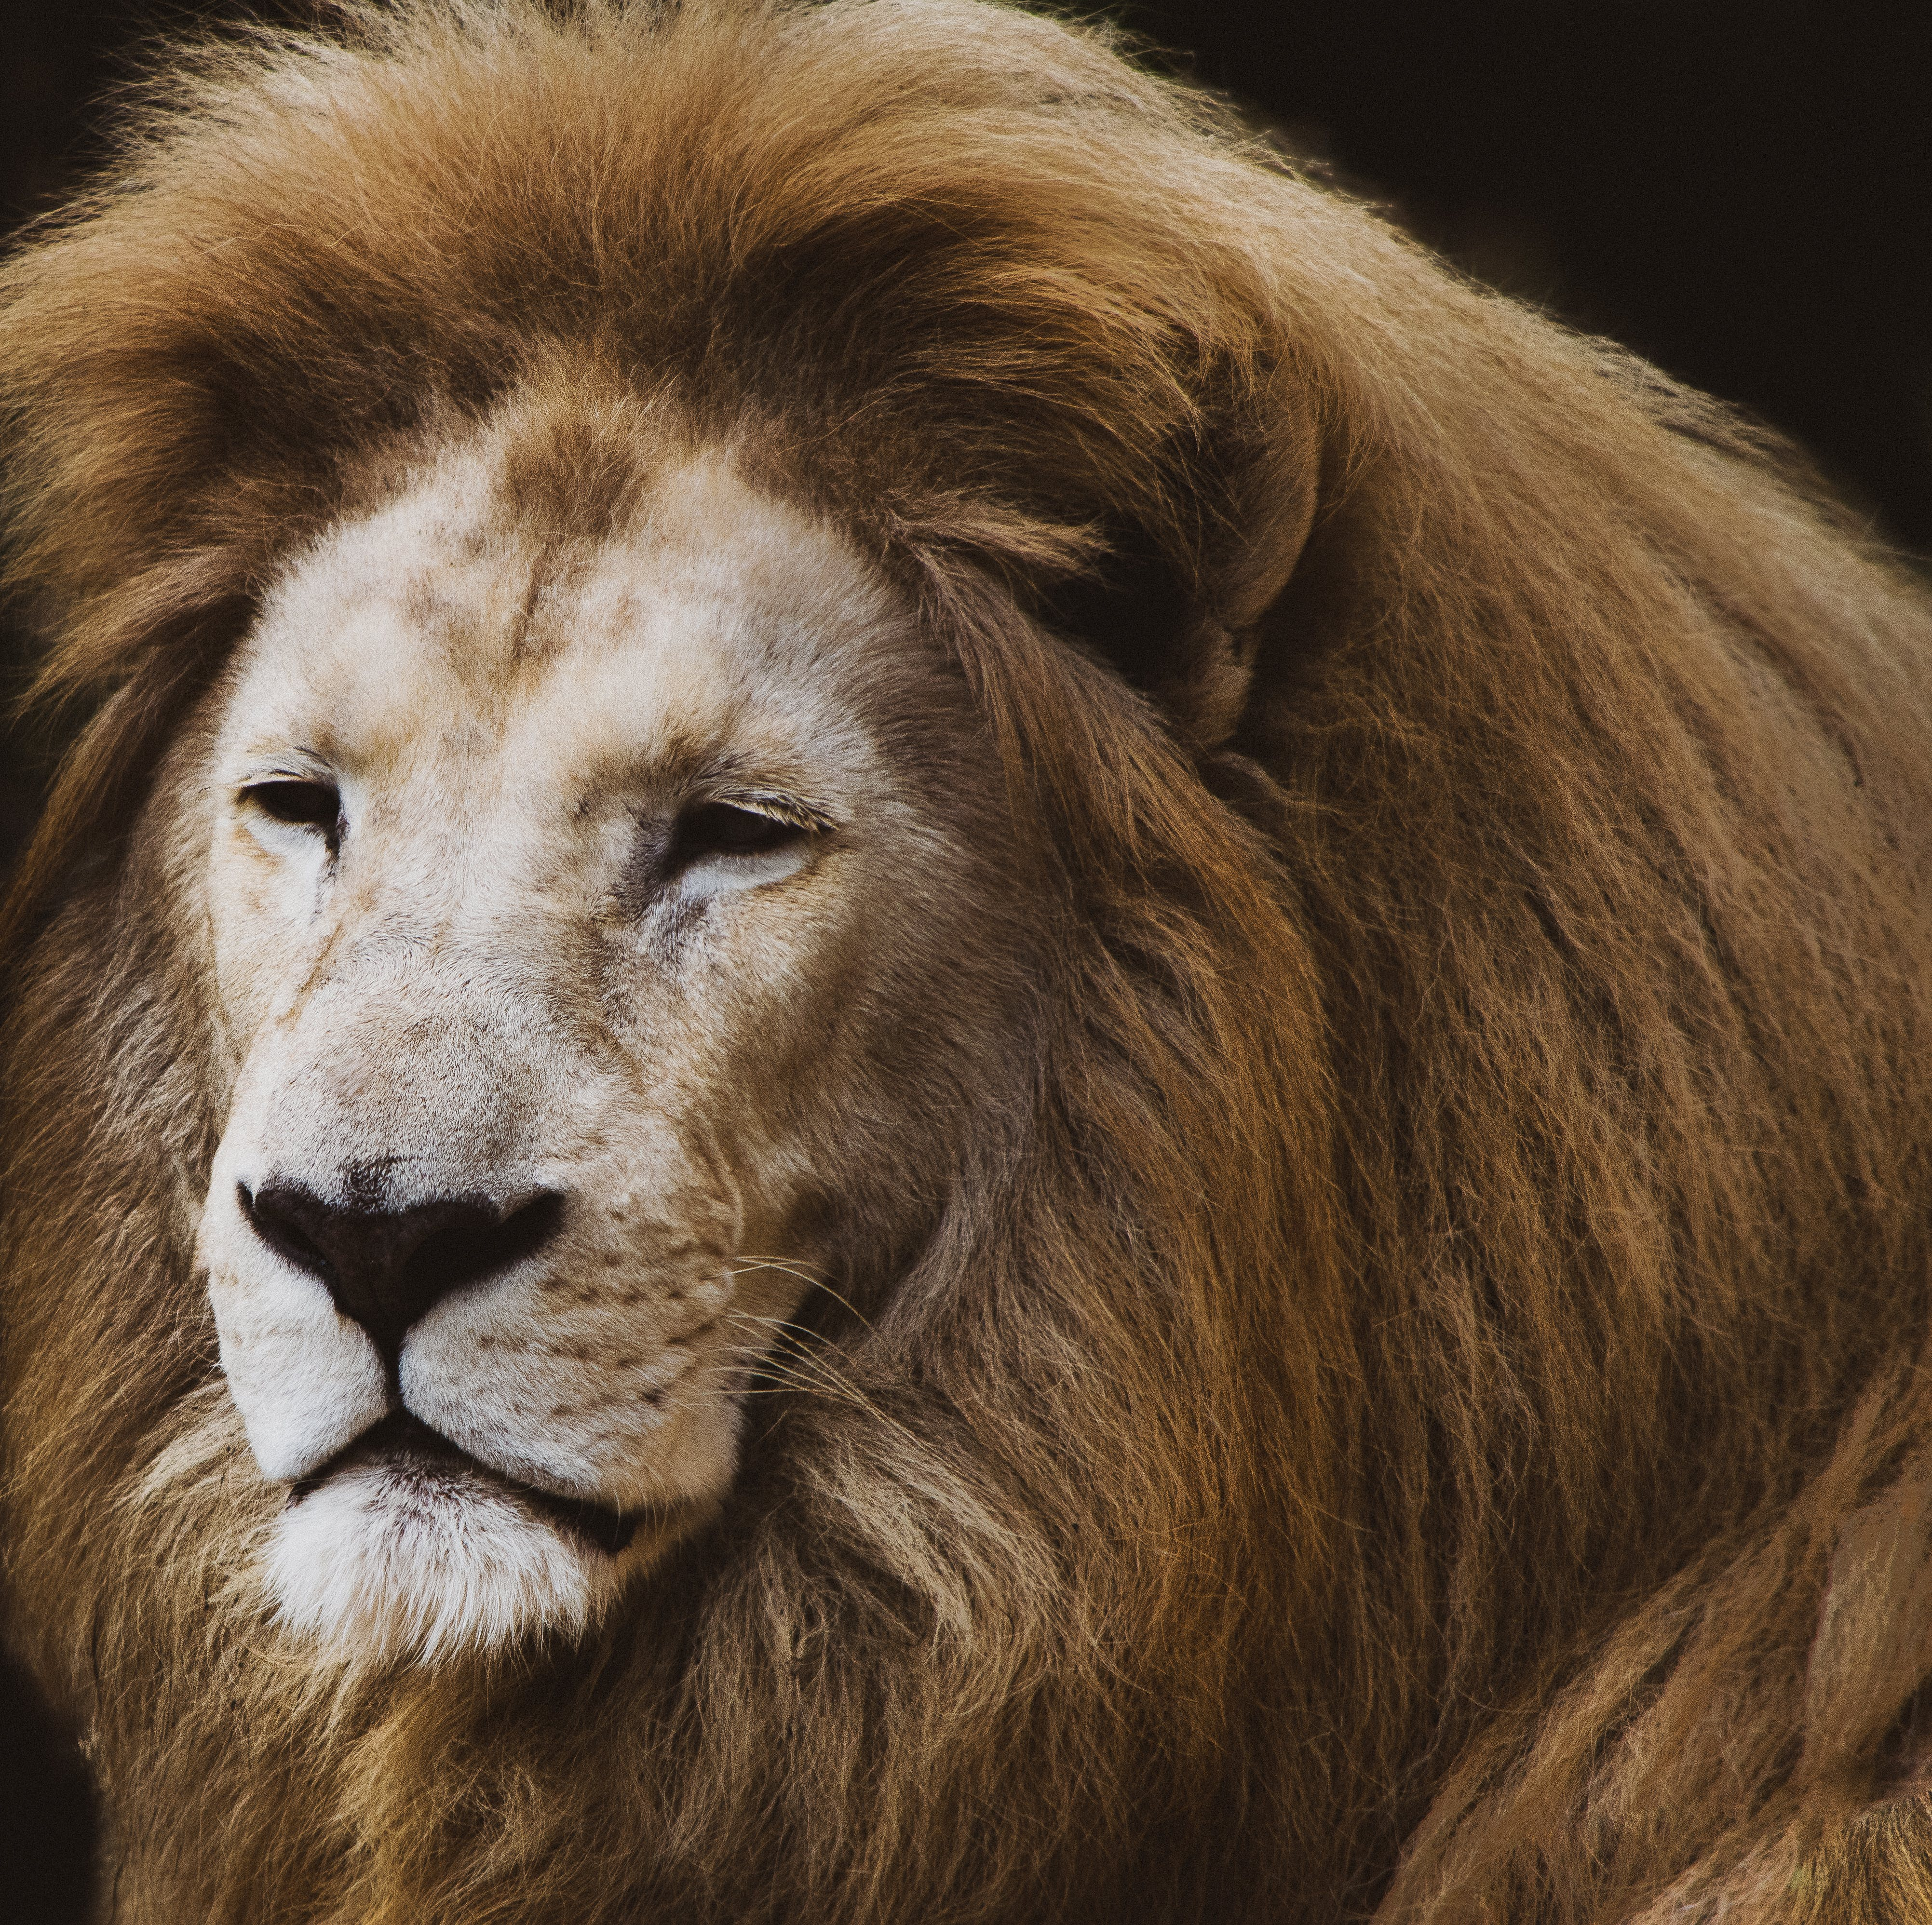 動物, 動物攝影, 哺乳動物, 捕食者 的